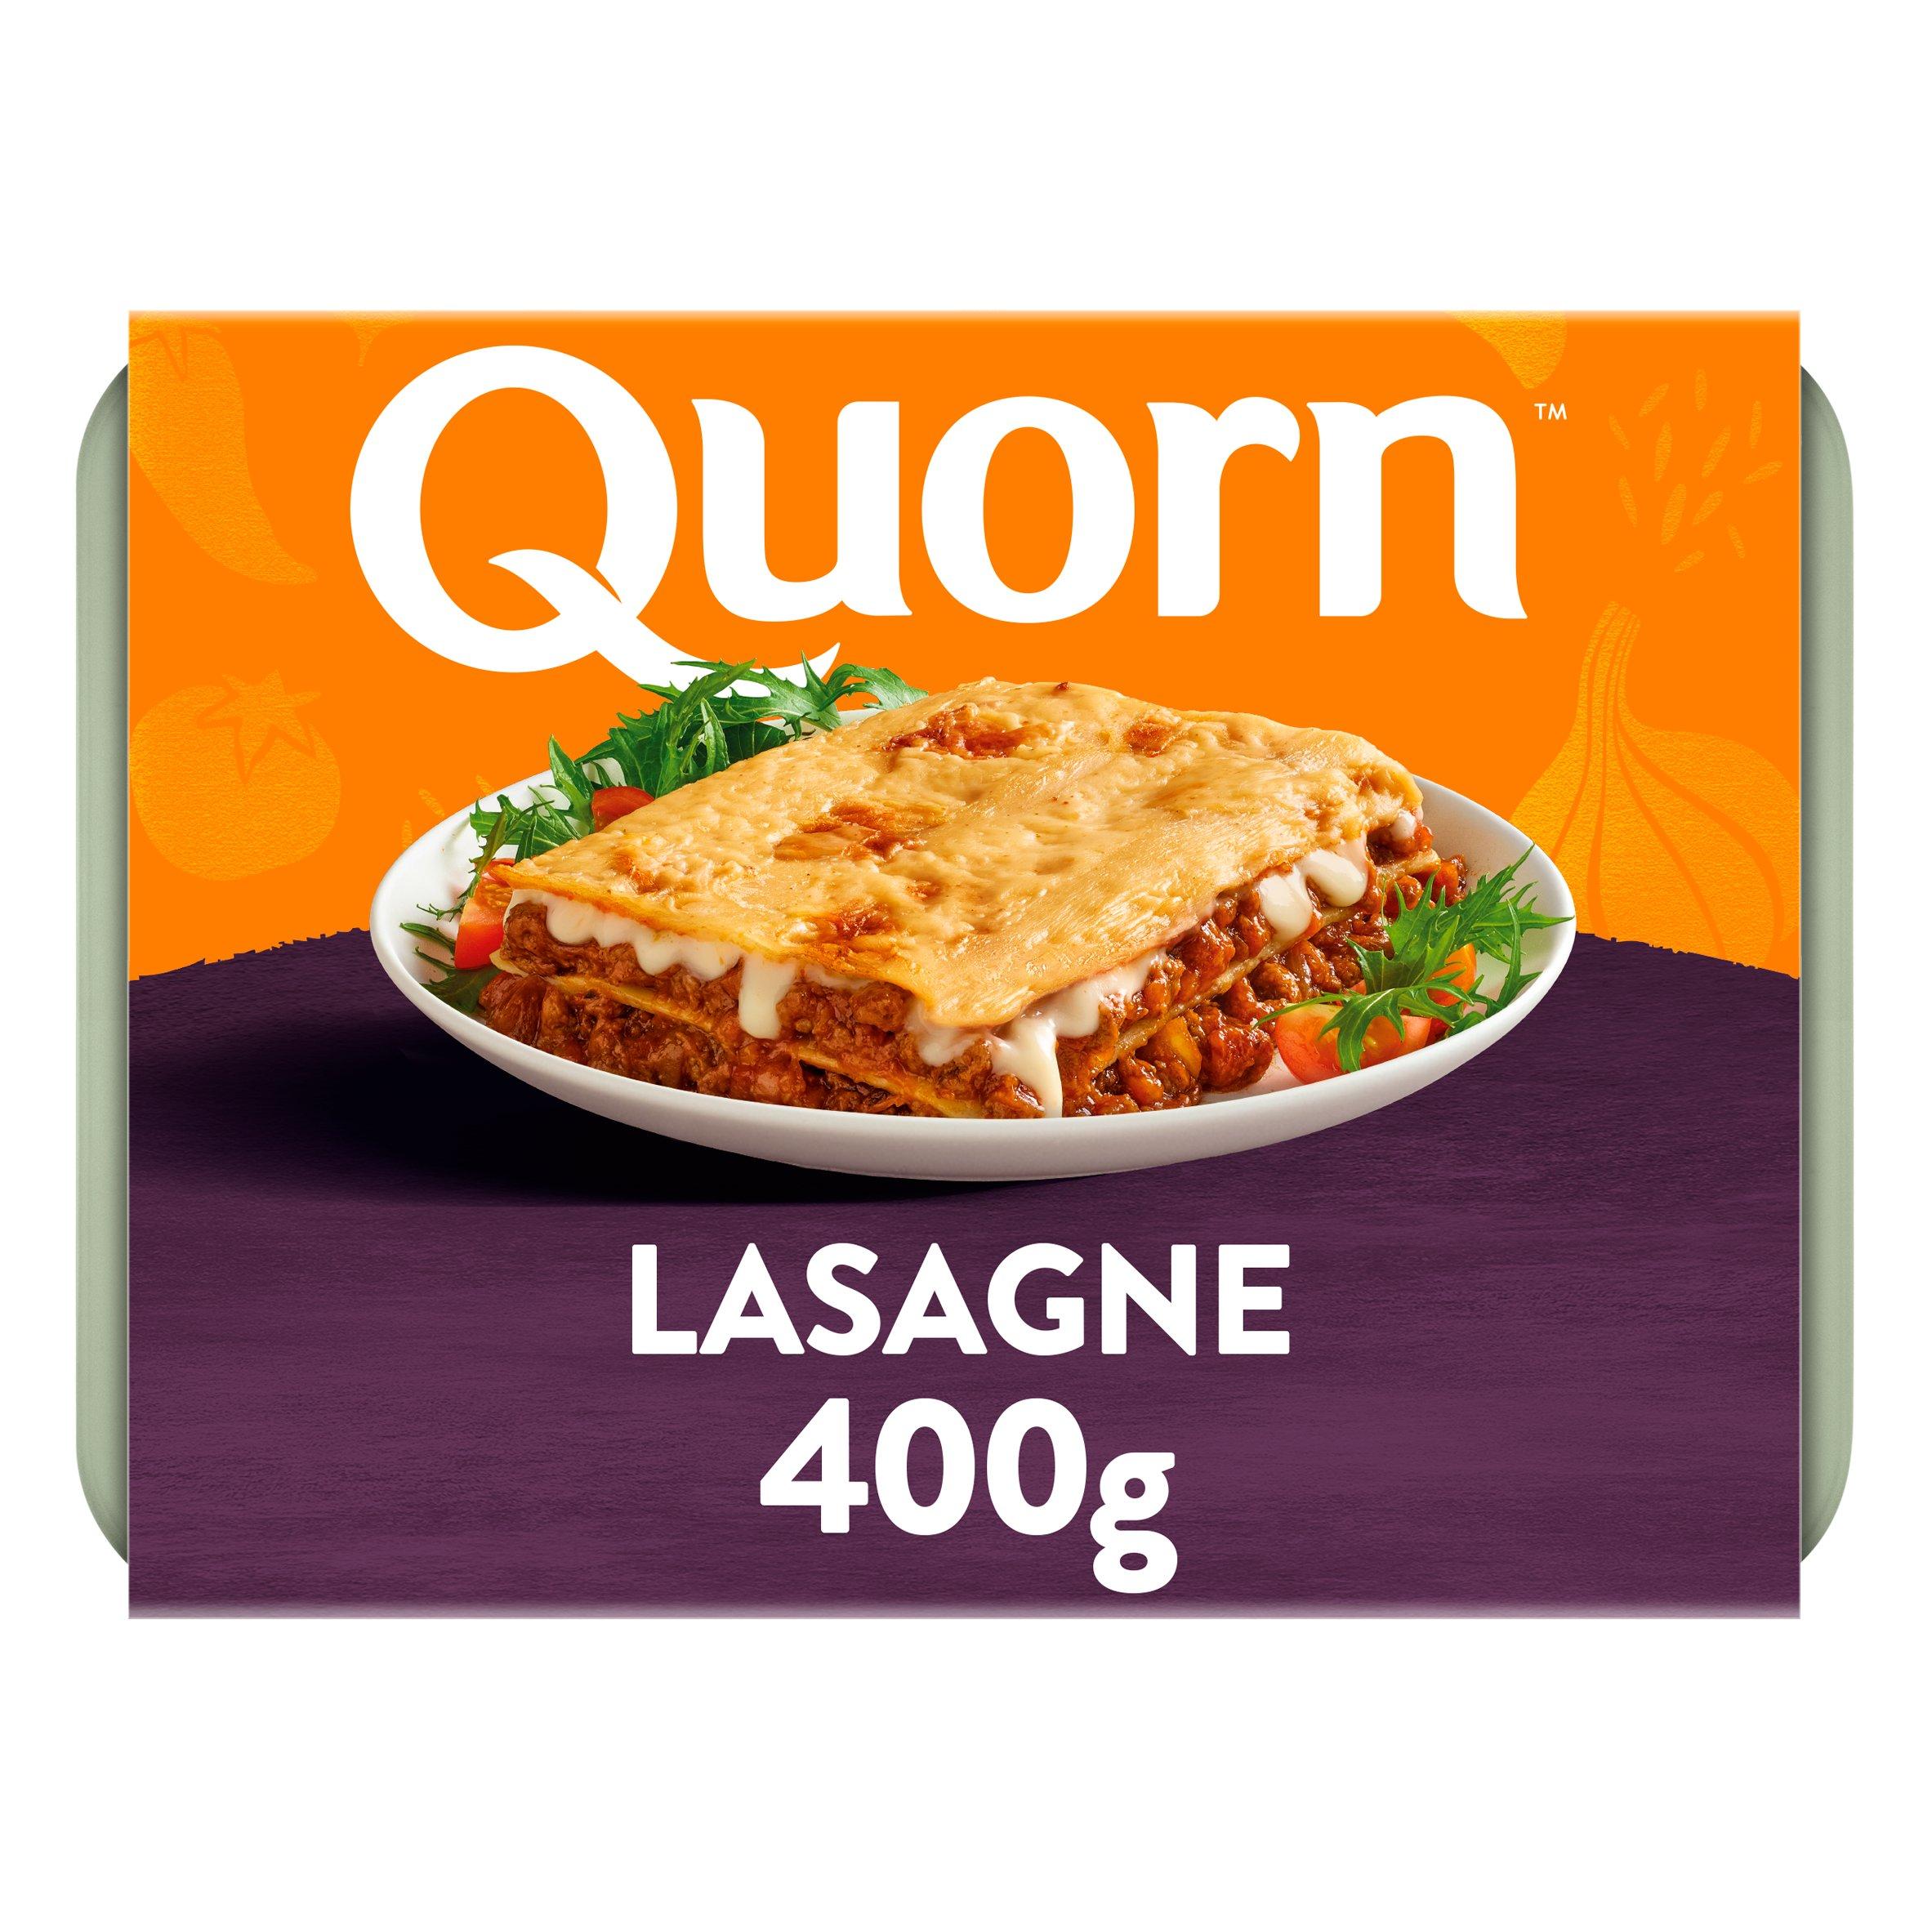 Quorn Love It Lasagne 400G